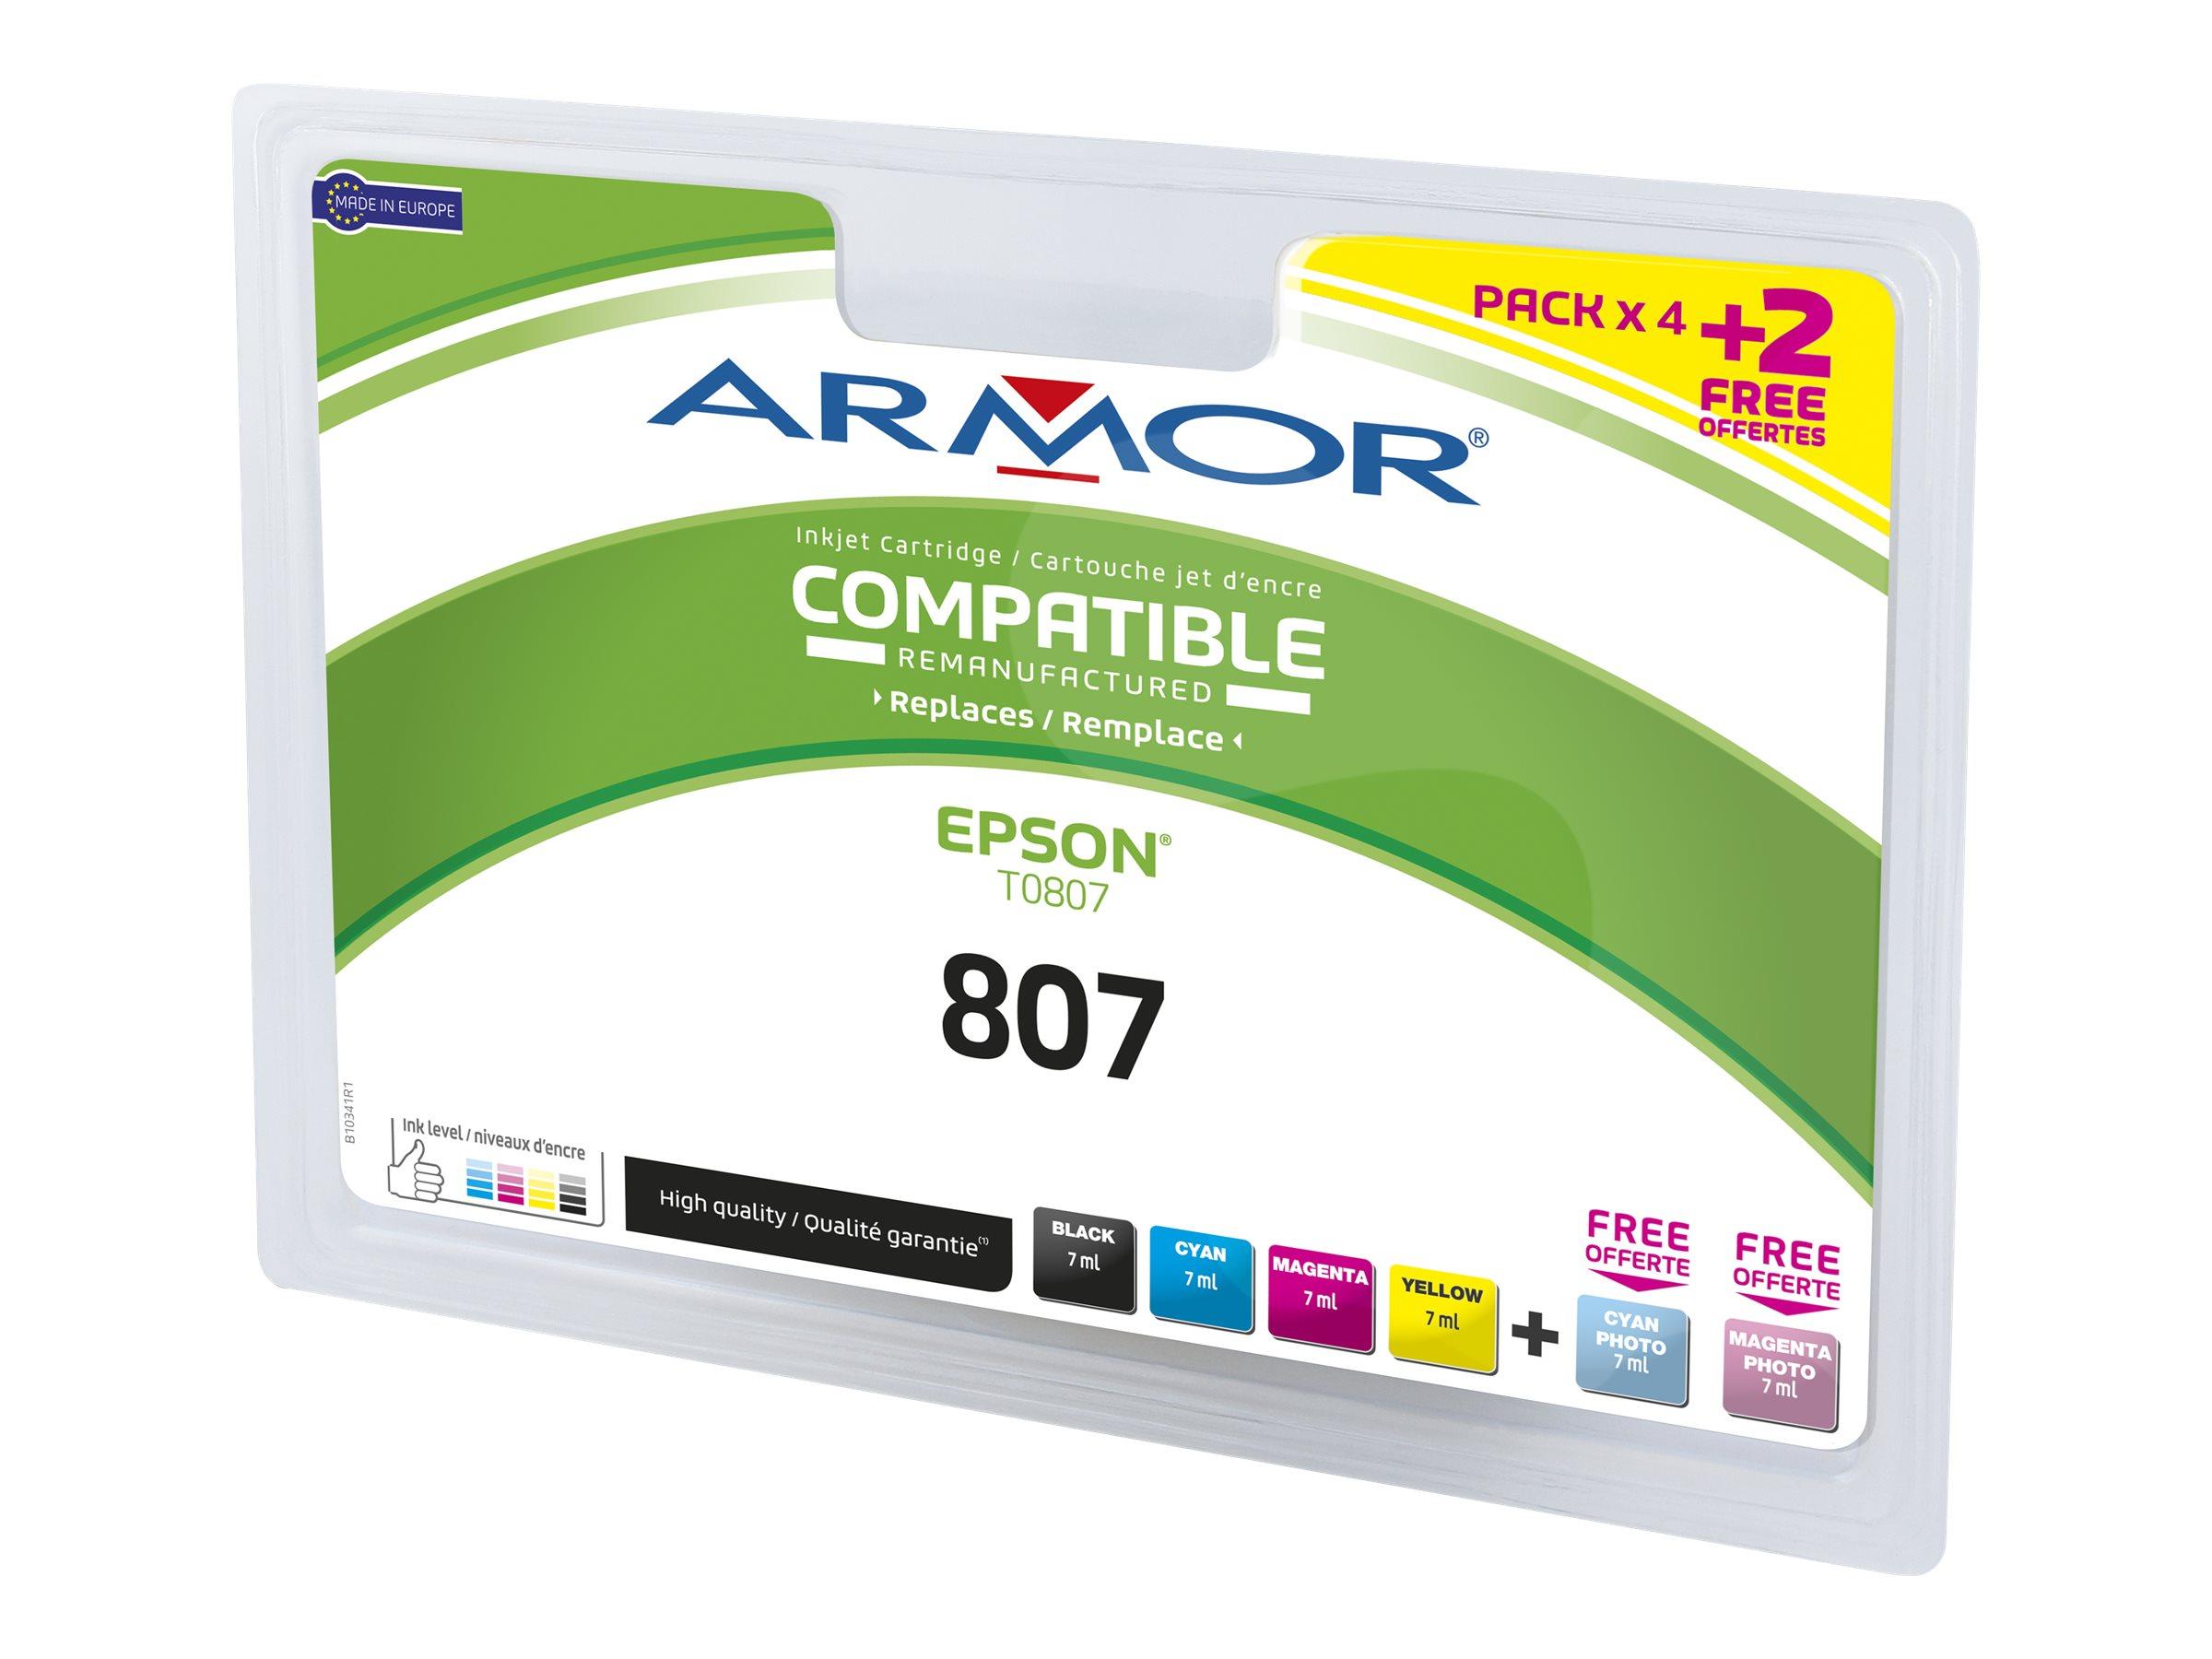 Armor B10341R1 - colibri - pack de 6 - noir, jaune, cyan, magenta, photo cyan, photo magenta - remanufacturé - cartouche d'encre (équivalent à : Epson T0807)